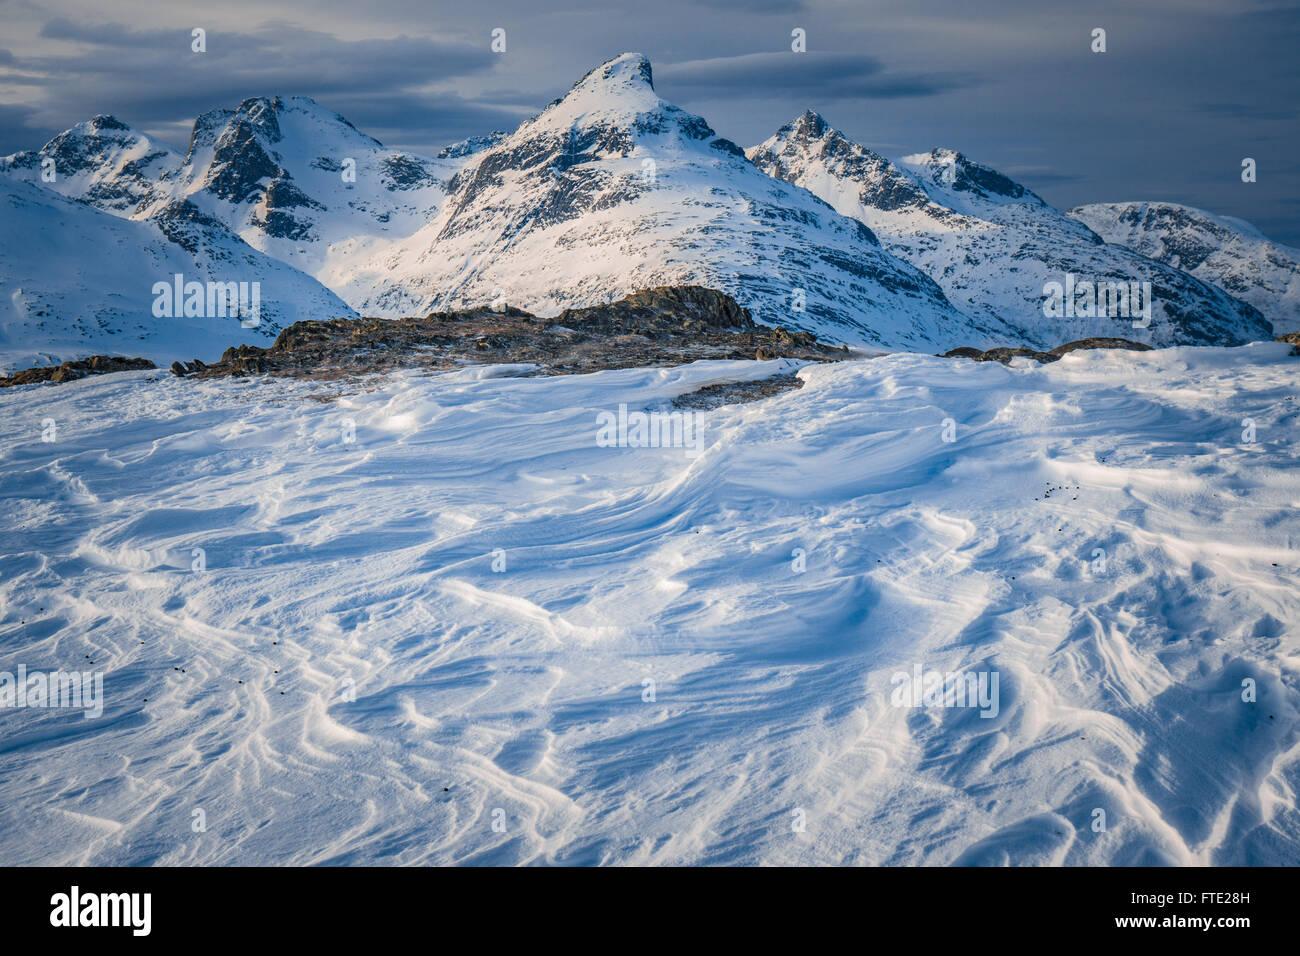 Sastrugi y vista hacia el almacén de Blamann Rodtinden, Kvaloya, Troms, al norte de Noruega Imagen De Stock